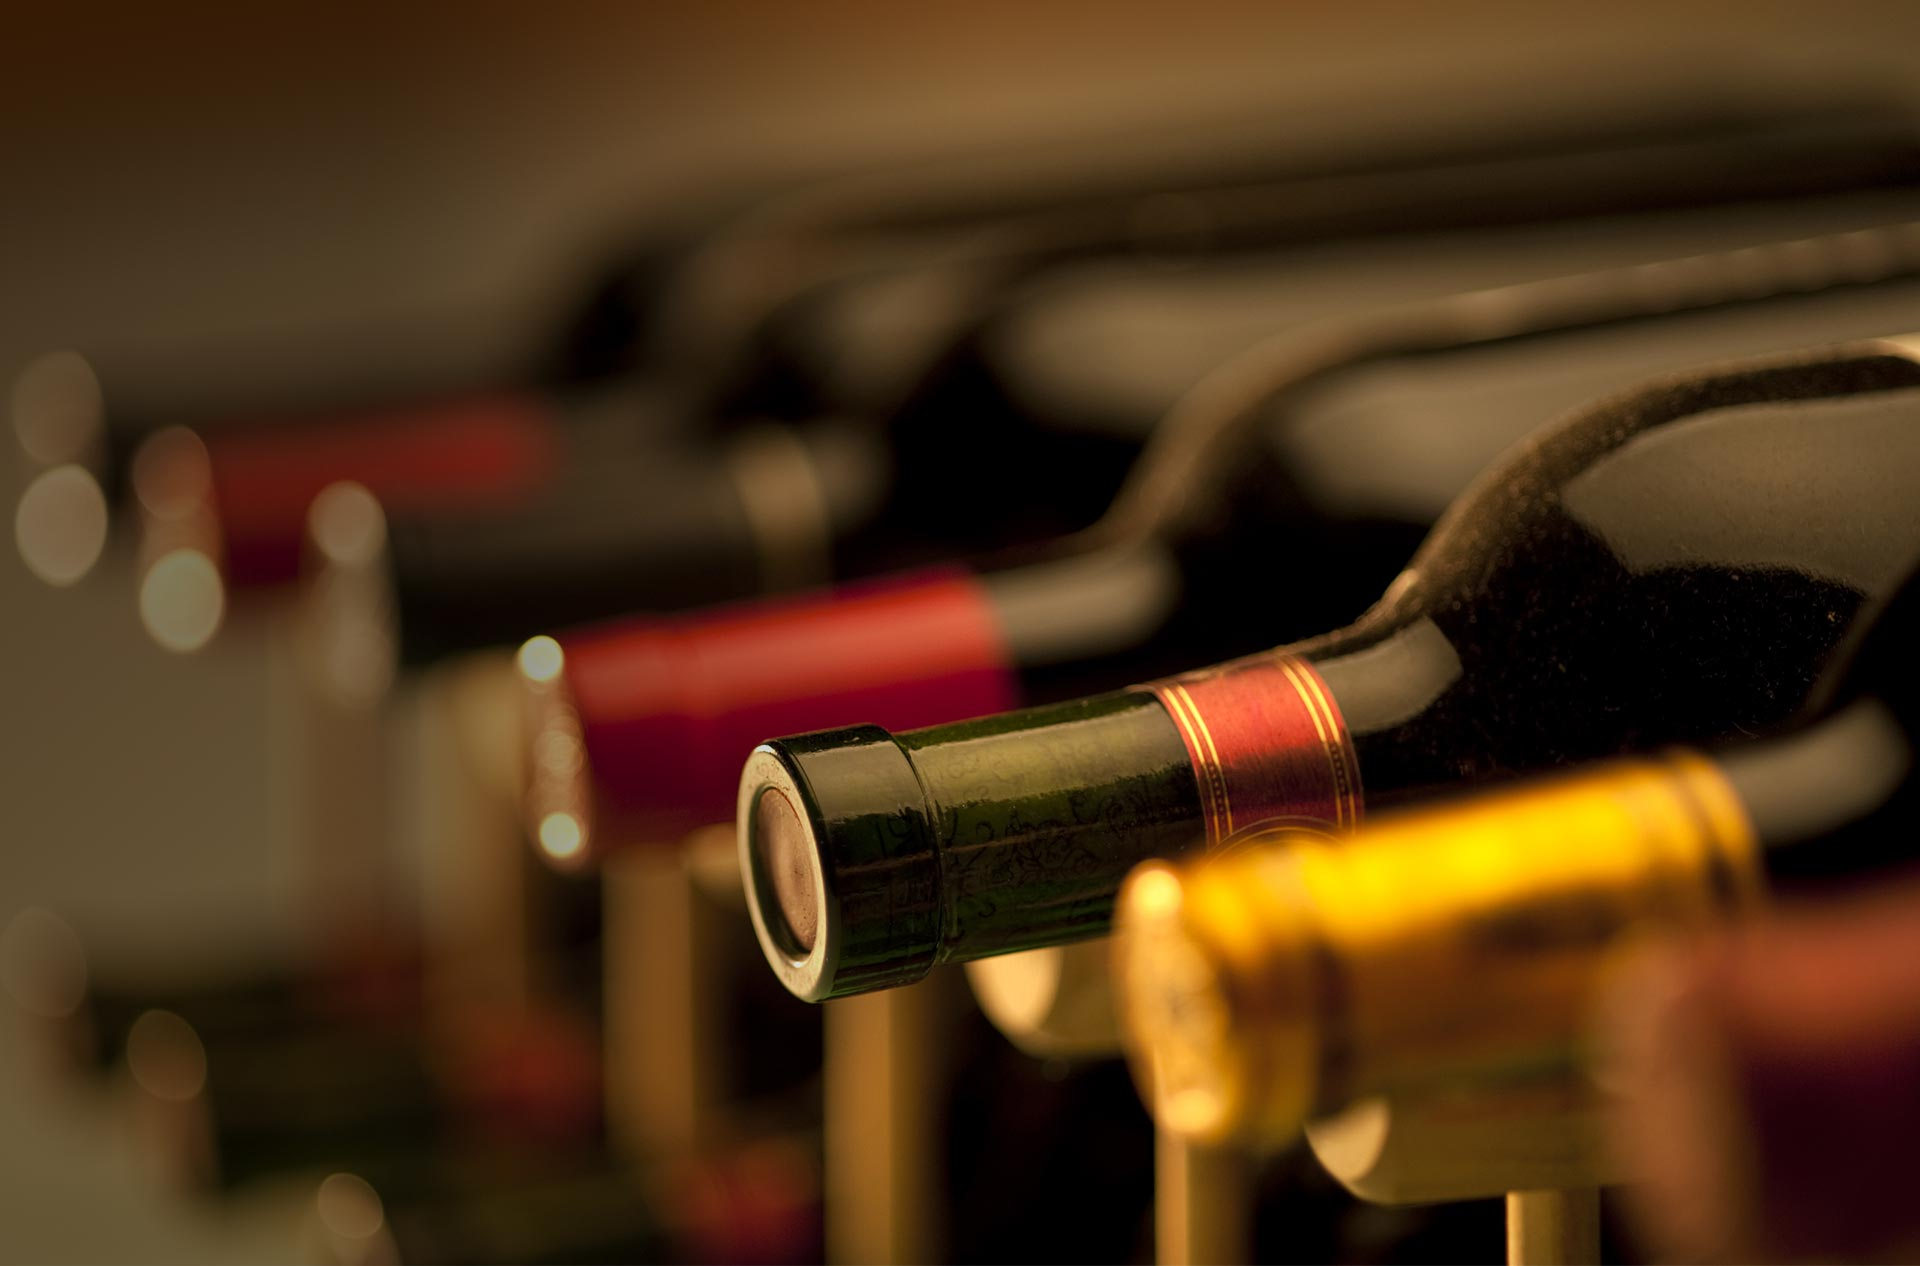 La qualité du vin : pourquoi lui arrive-t-il d'être passable ?